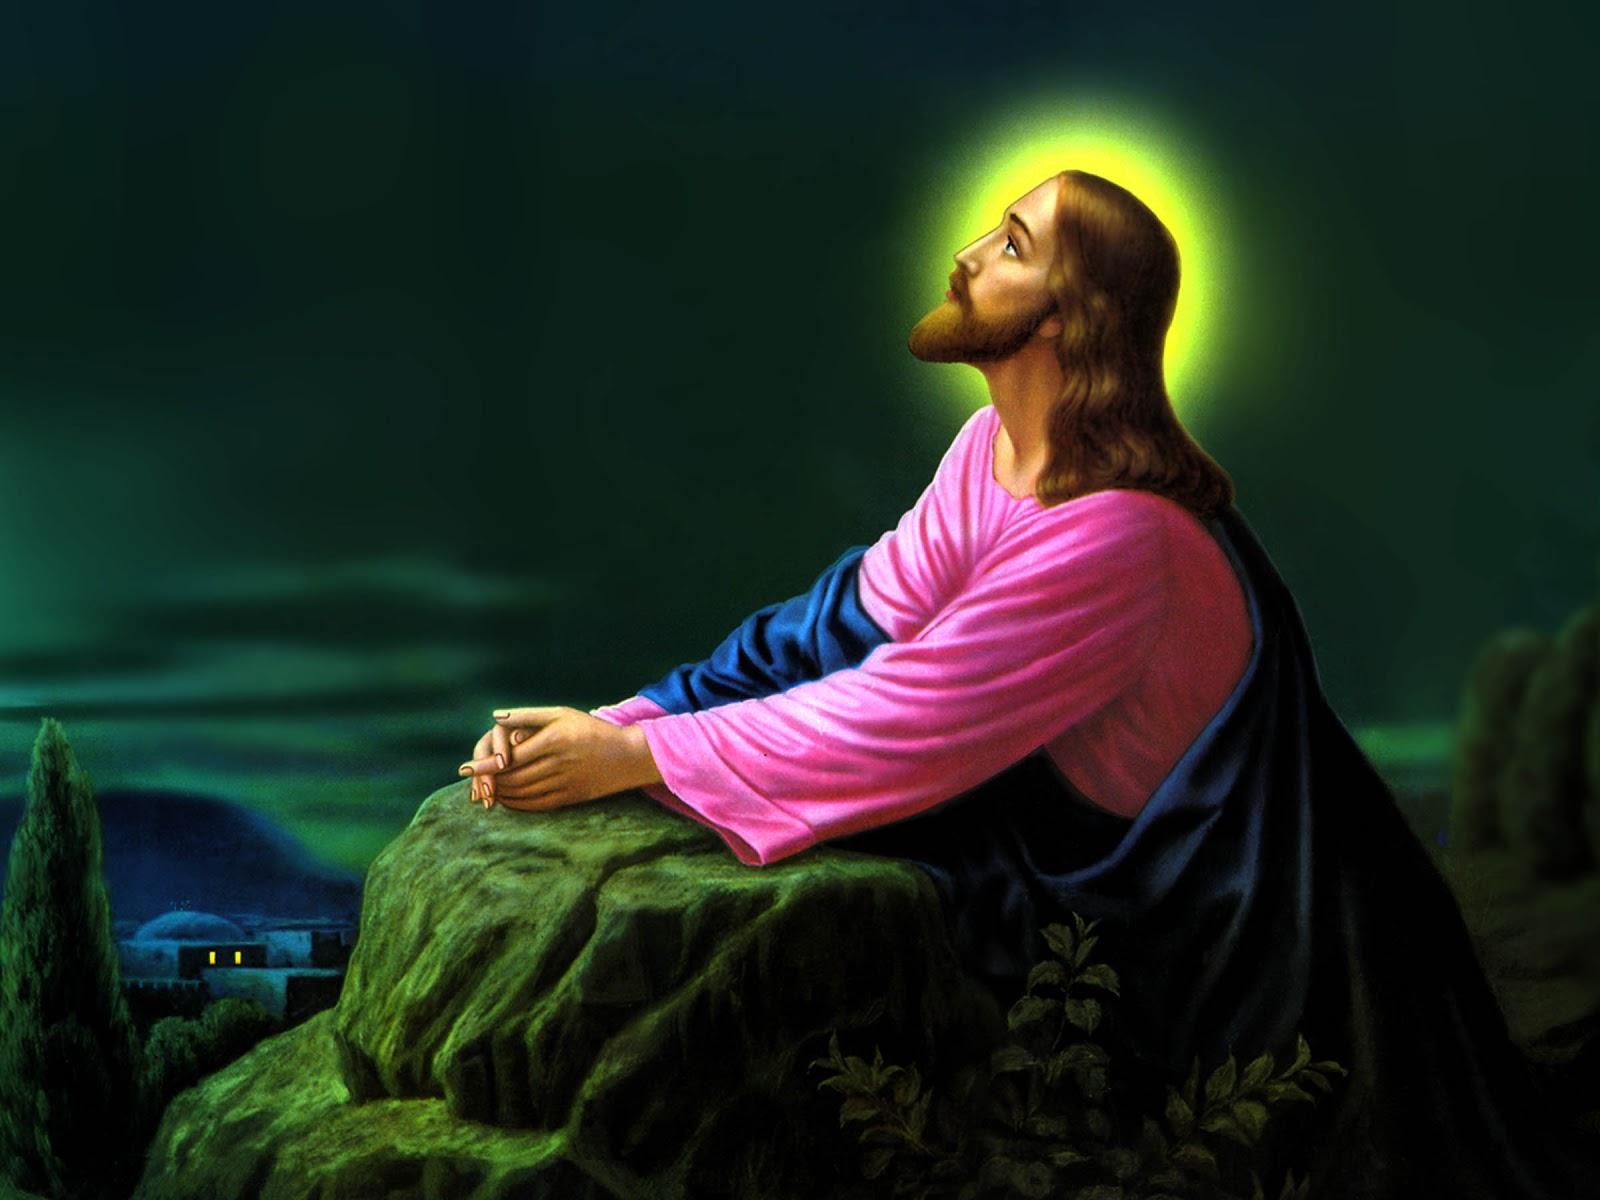 Ga 17:11B-19 - GIÁO PHẬN PHÚ CƯỜNG